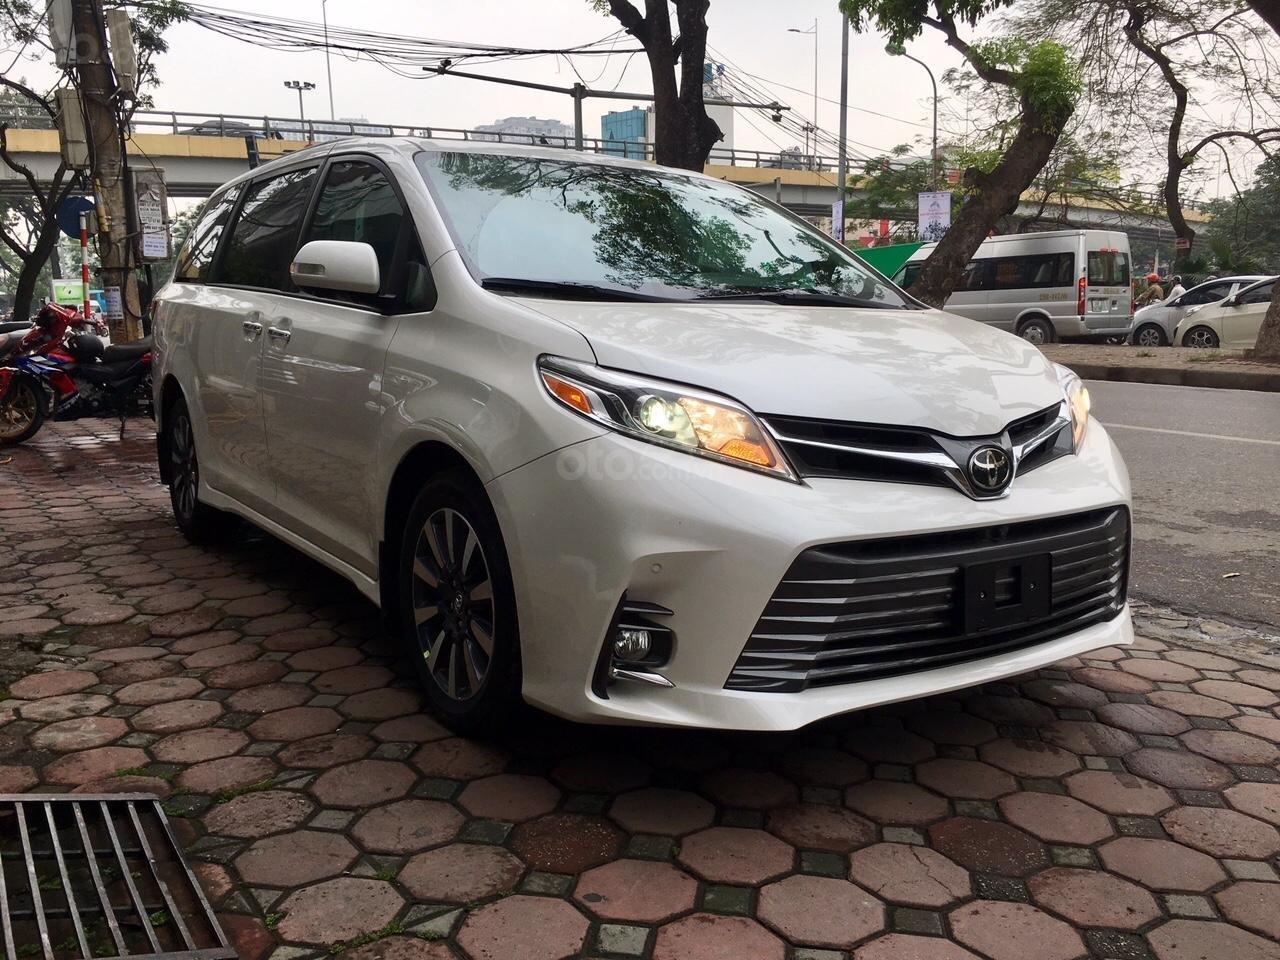 Bán Toyota Sienna Limited sản xuất 2019, mới 100%, đủ màu giao ngay, giá rẻ nhất (3)